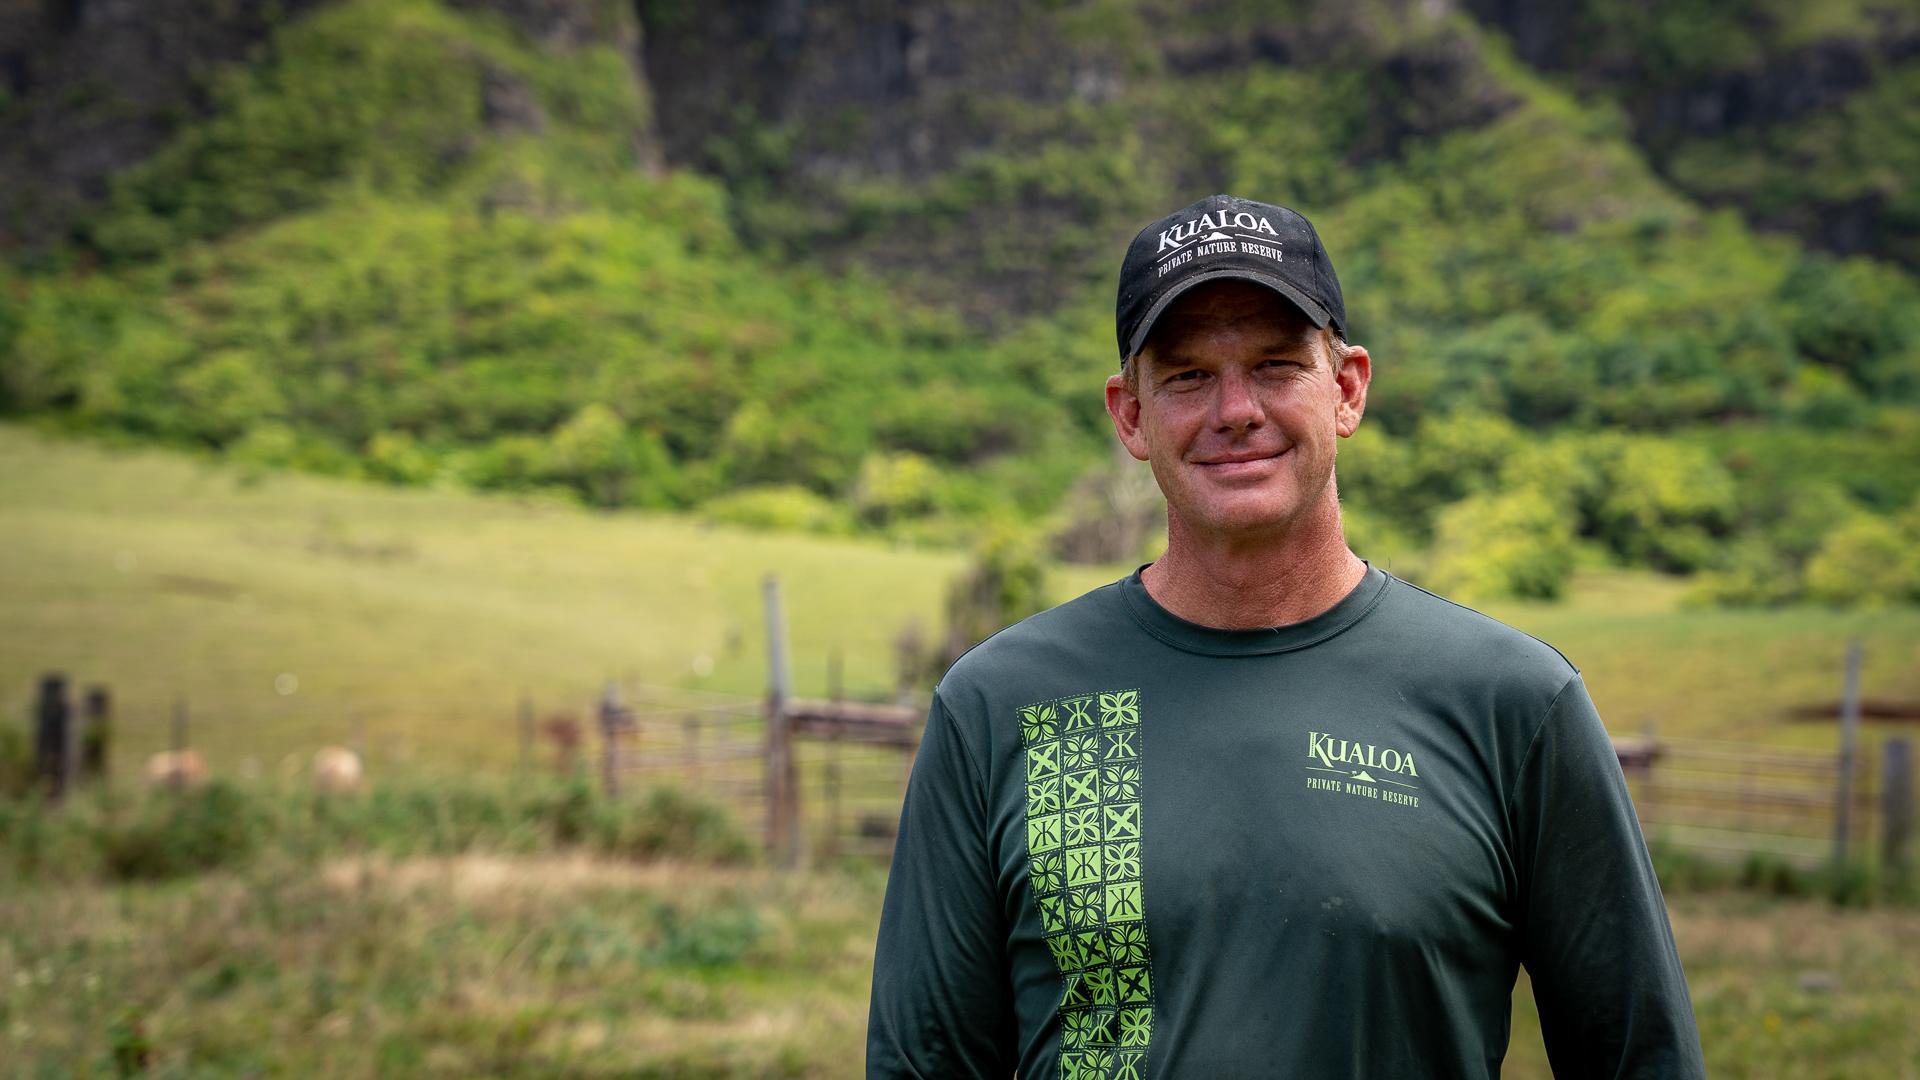 Watersheds Agriculture Kualoa Ranch Taylor Kellermen Portrait